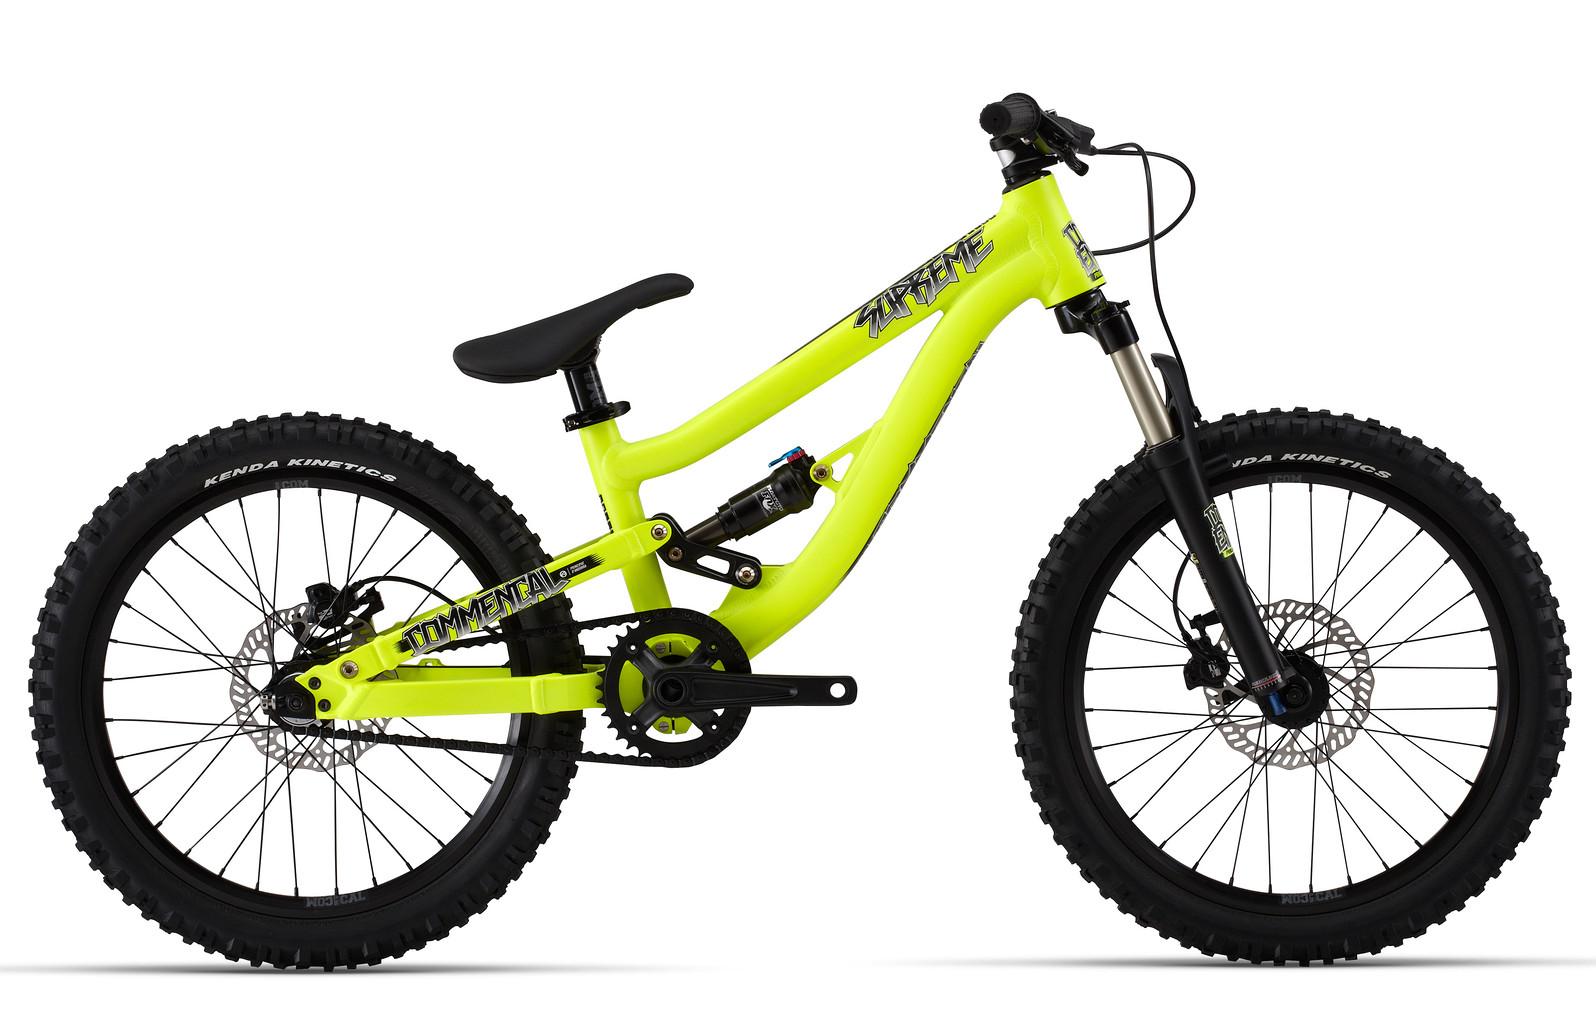 2014 Commencal Supreme 20 Bike 14SUPREME20